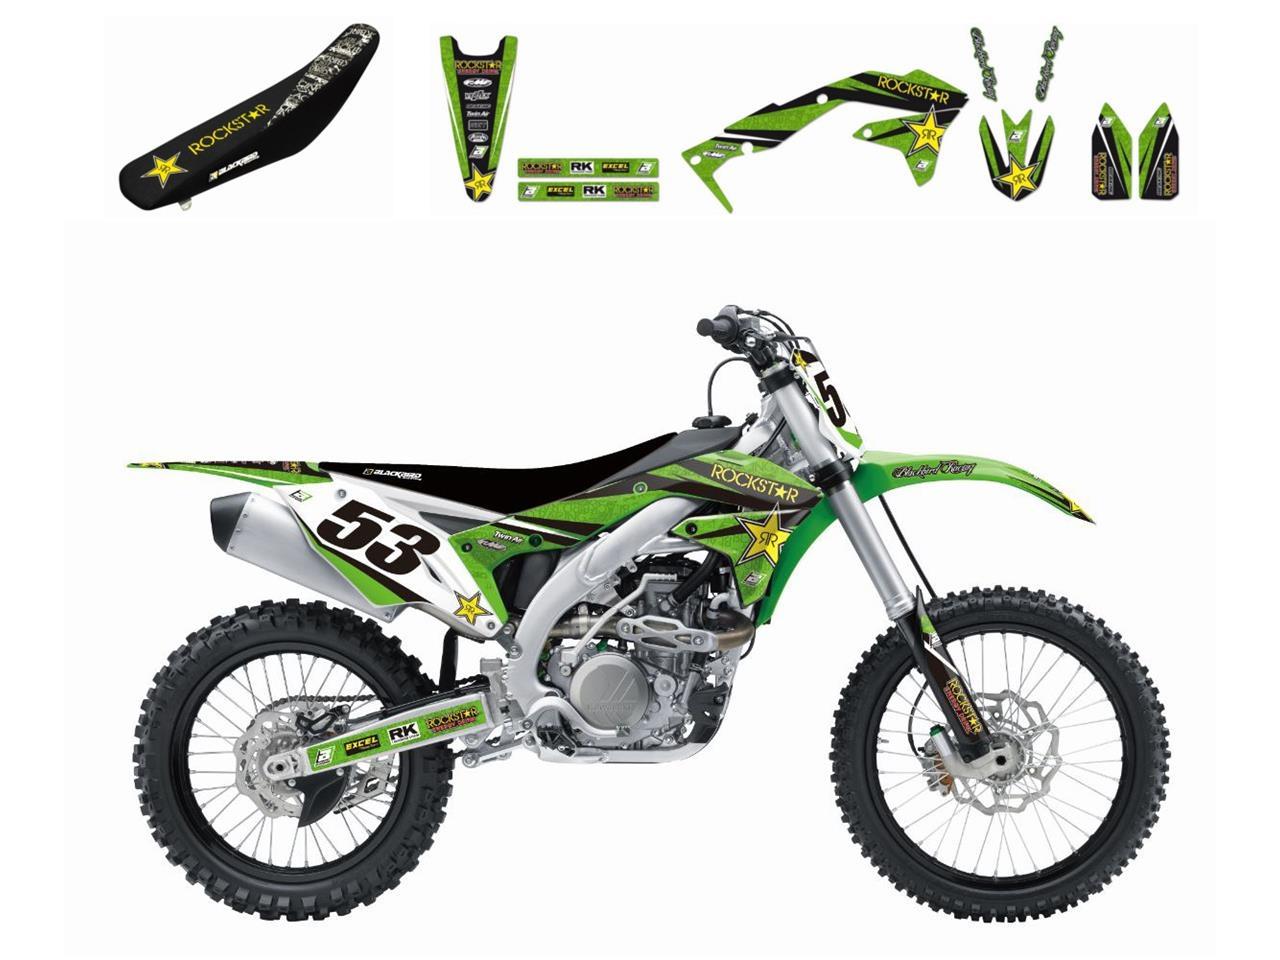 Kit déco + Housse de selle Blackbird Rockstar Energy Kawasaki 250 KX-F